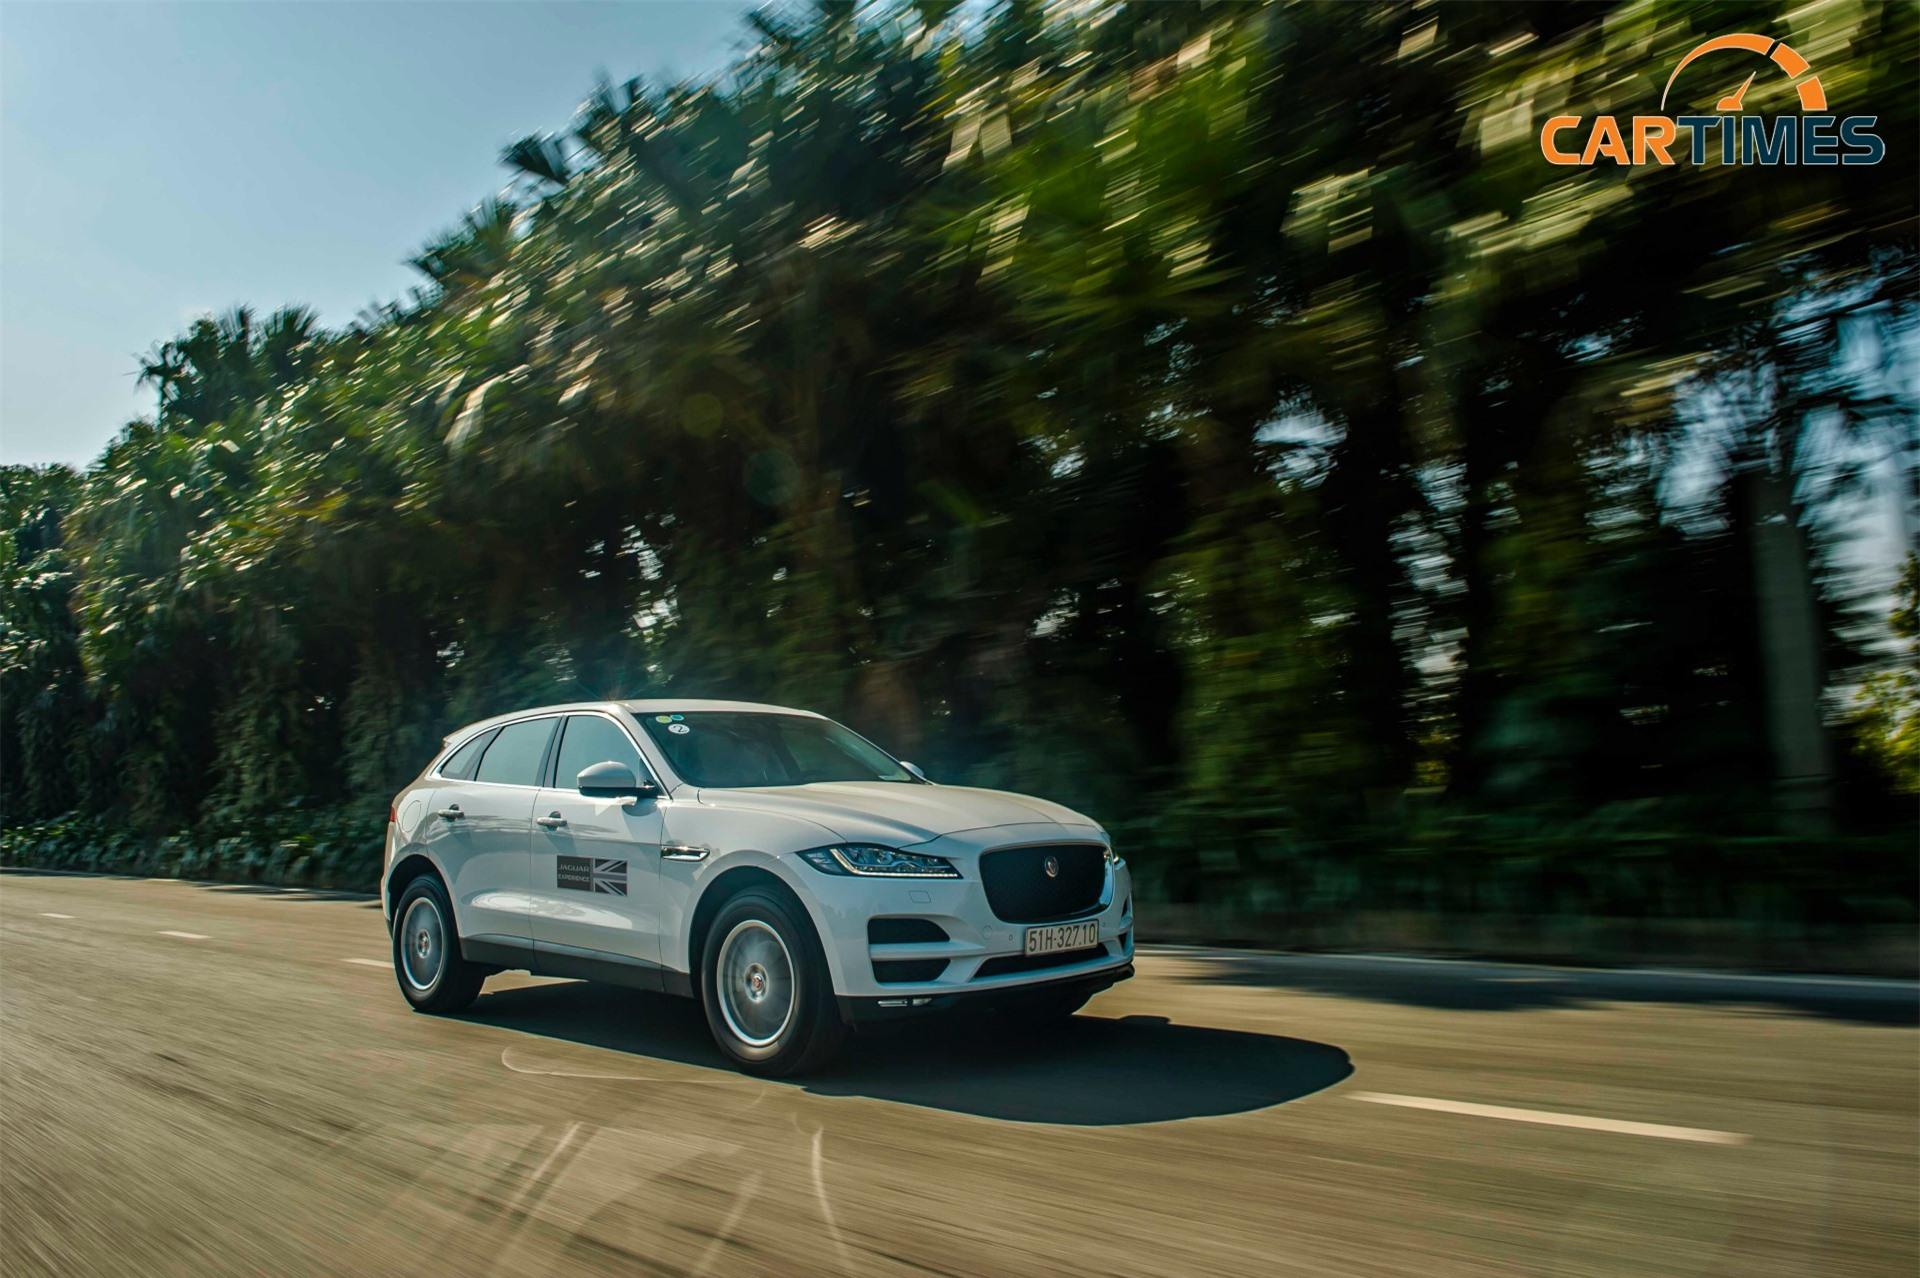 Khả năng vận hành của Jaguar F-Pace mang tới sự thể thao tối đa của một chiếc SUV